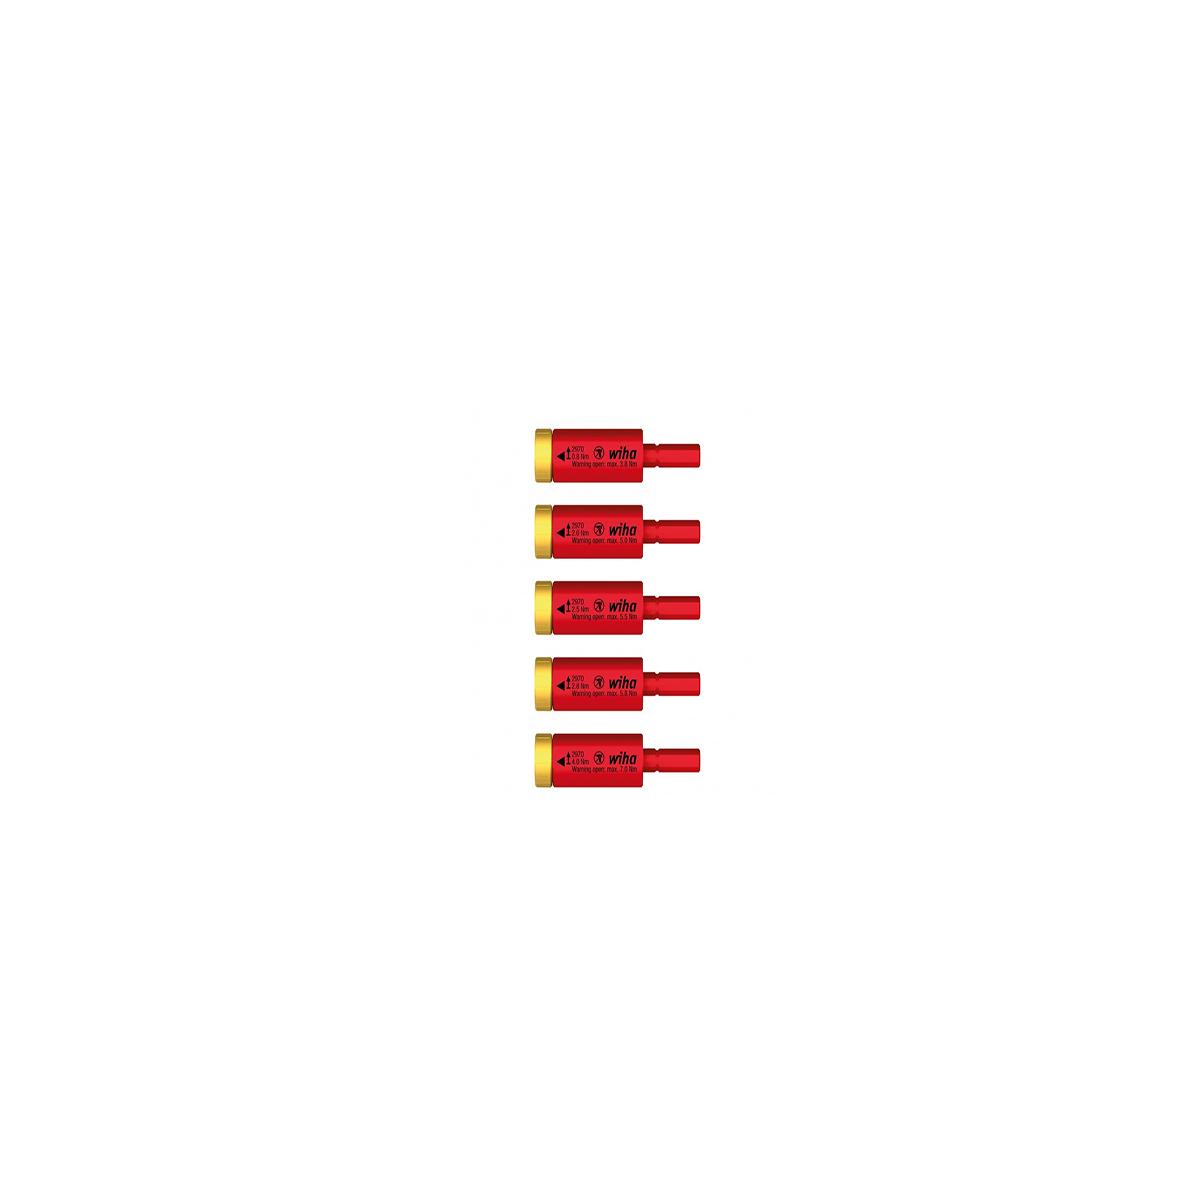 Zestaw adapterów dynamometrycznych easyTorque electric 29701 S5 Zestaw adapterów dynamometrycznych easyTorque electric 29701 S5